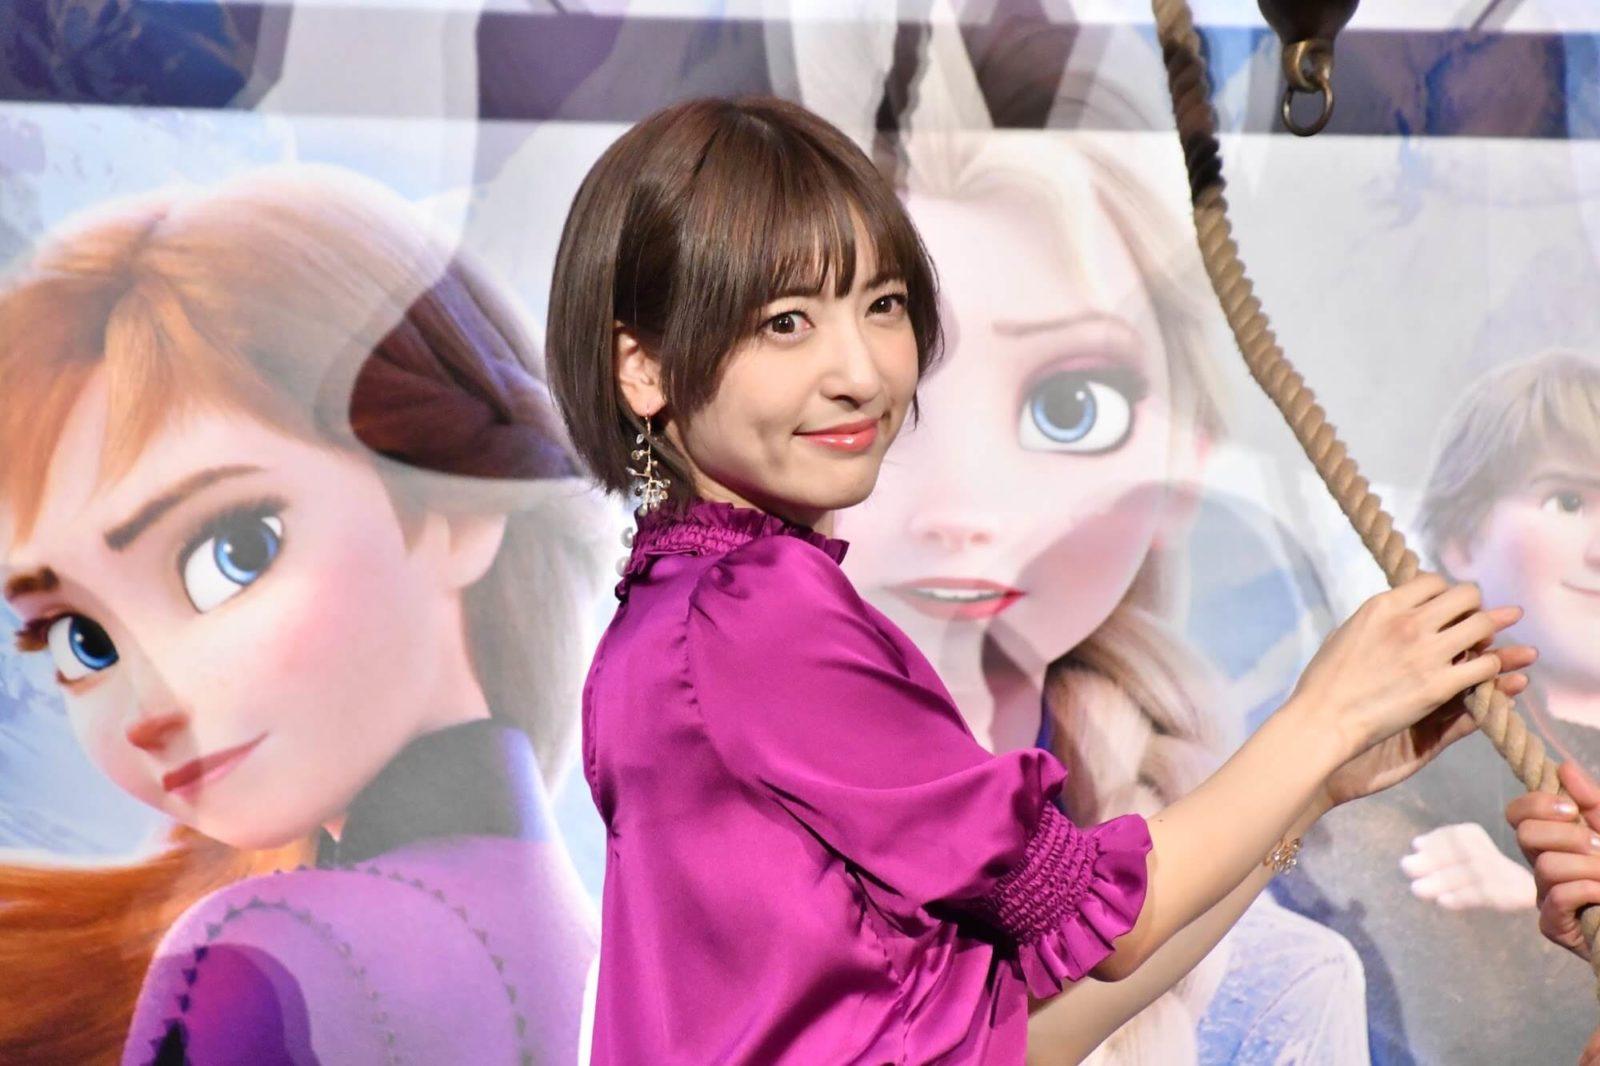 松たか子、「アナ雪2」日本版声優への本音を明かす…「『できない』と言えない自分もいます」画像121136